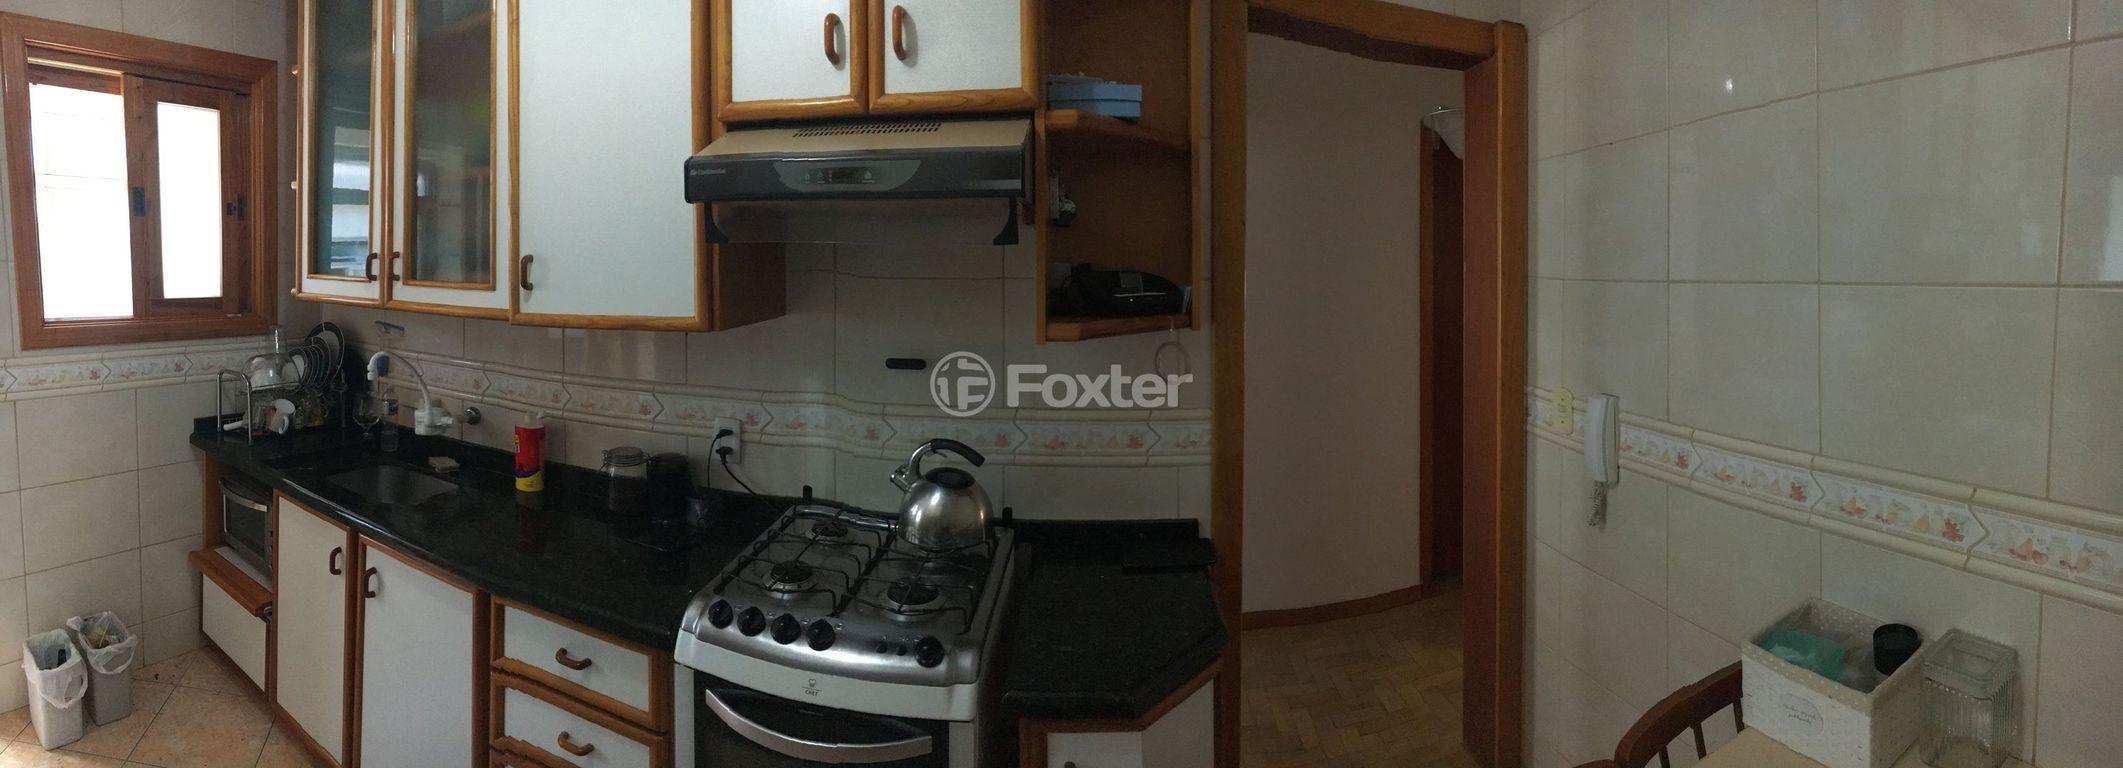 Foxter Imobiliária - Apto 2 Dorm, Cristo Redentor - Foto 7